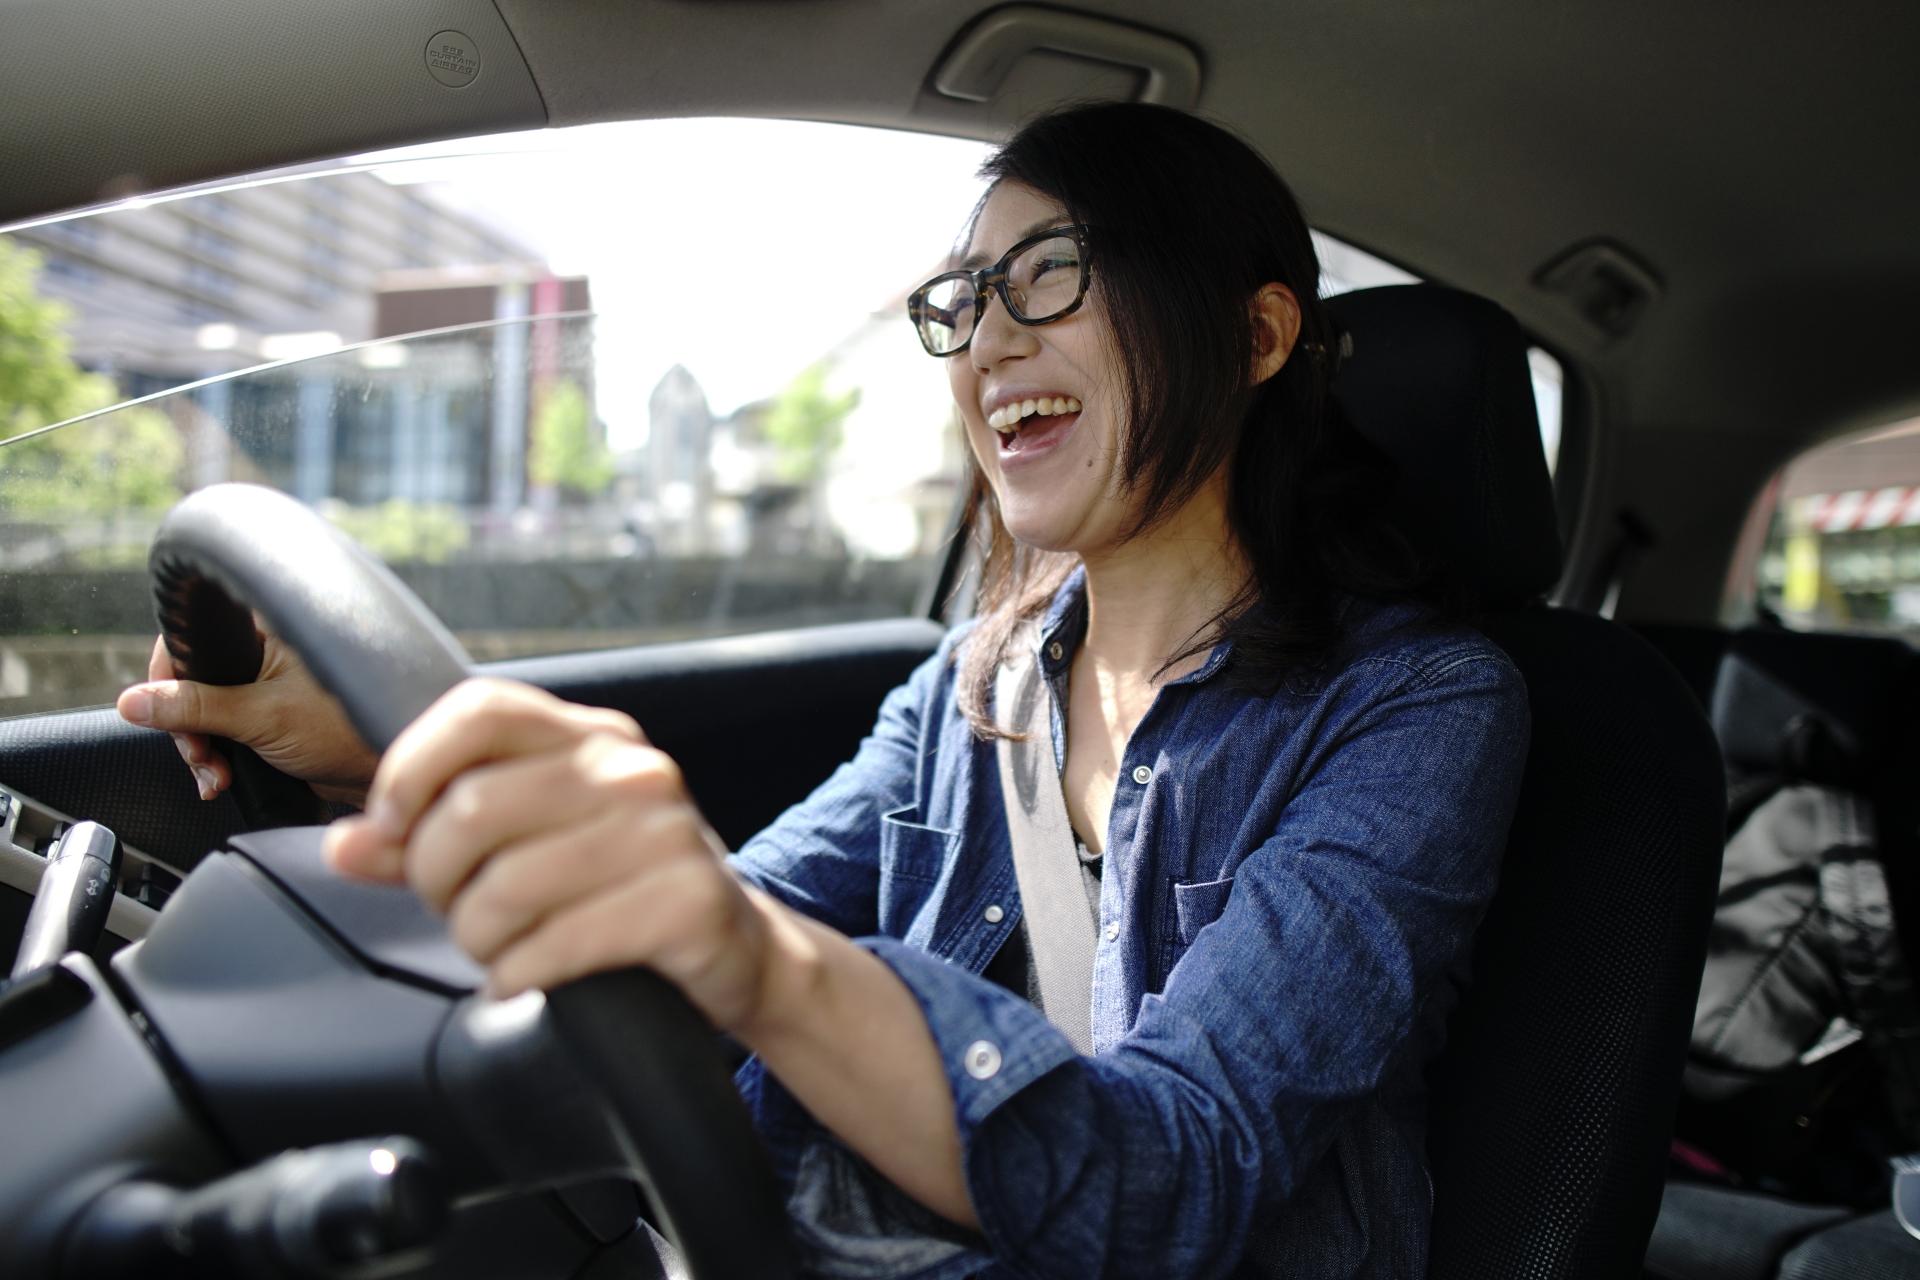 メガネが似合う芸能人は多い?特徴と似合うメガネの選び方